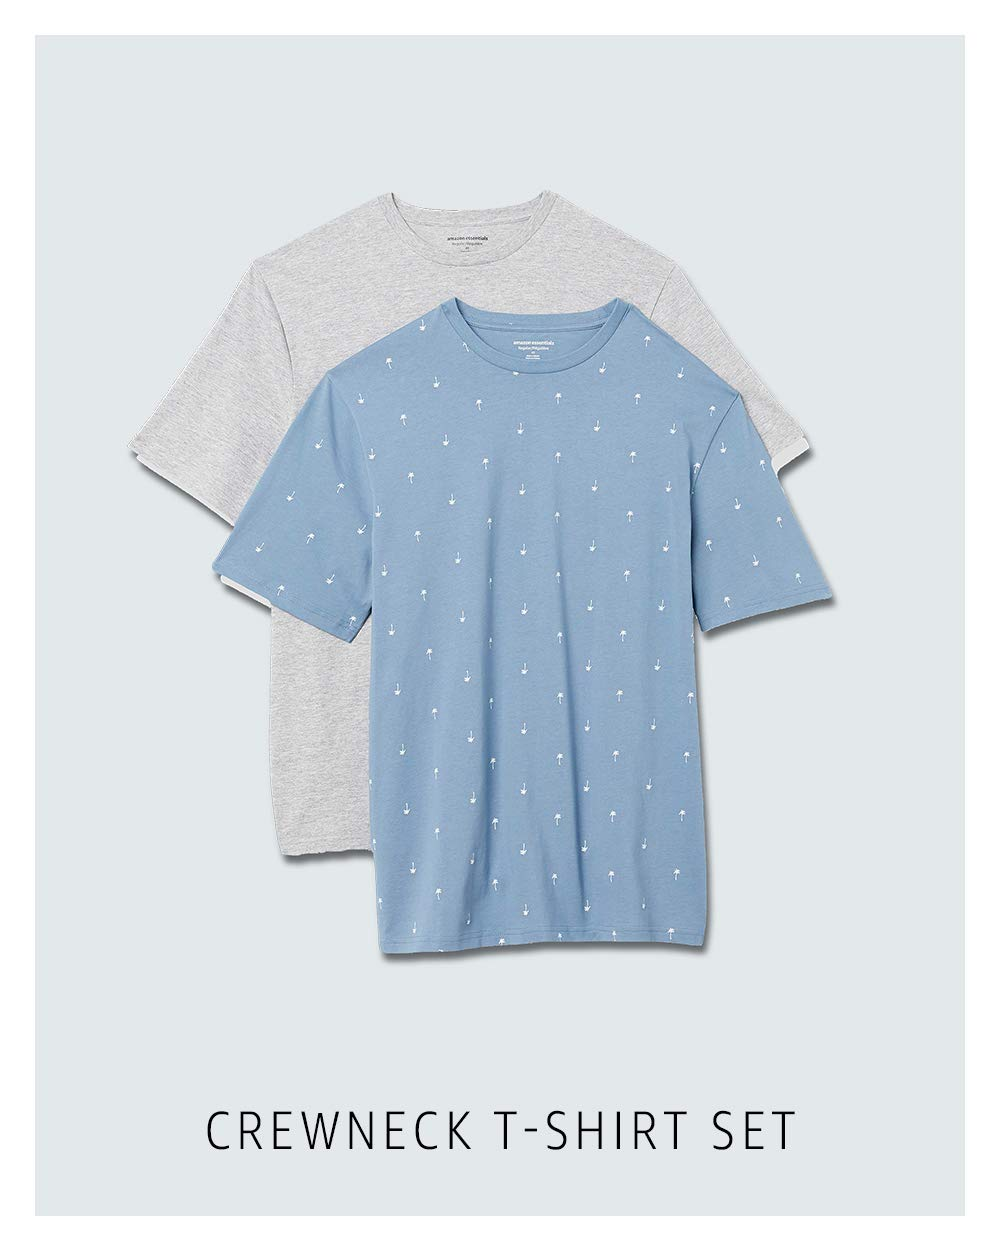 Crewneck T-shirt set